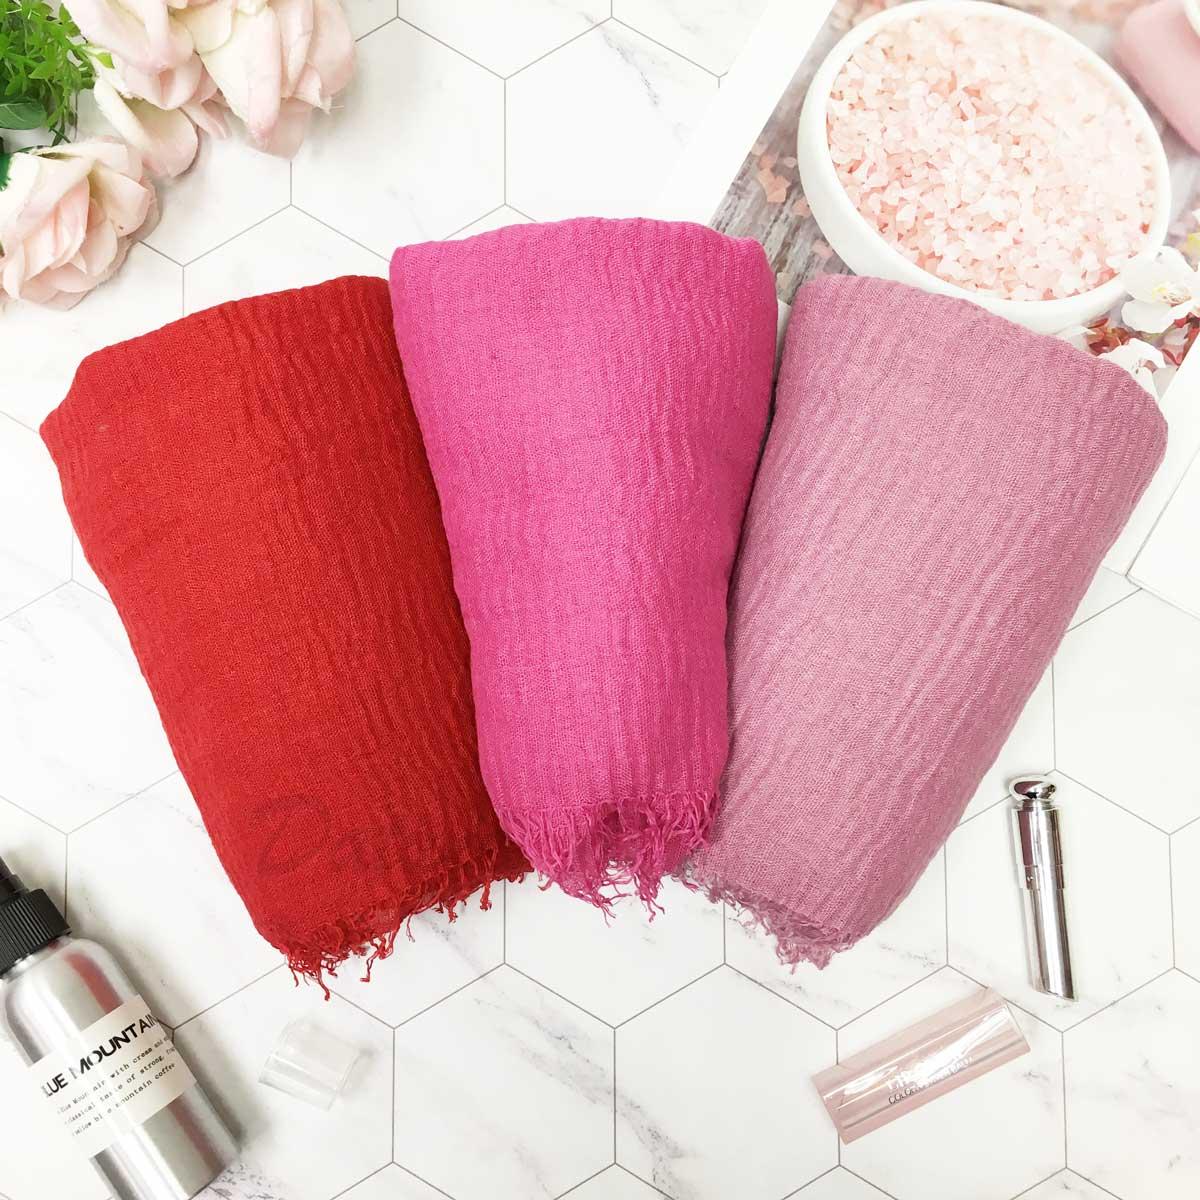 圍巾 素面 不收邊 抽鬚 簡約 紅 桃 藕粉 薄圍巾 三色